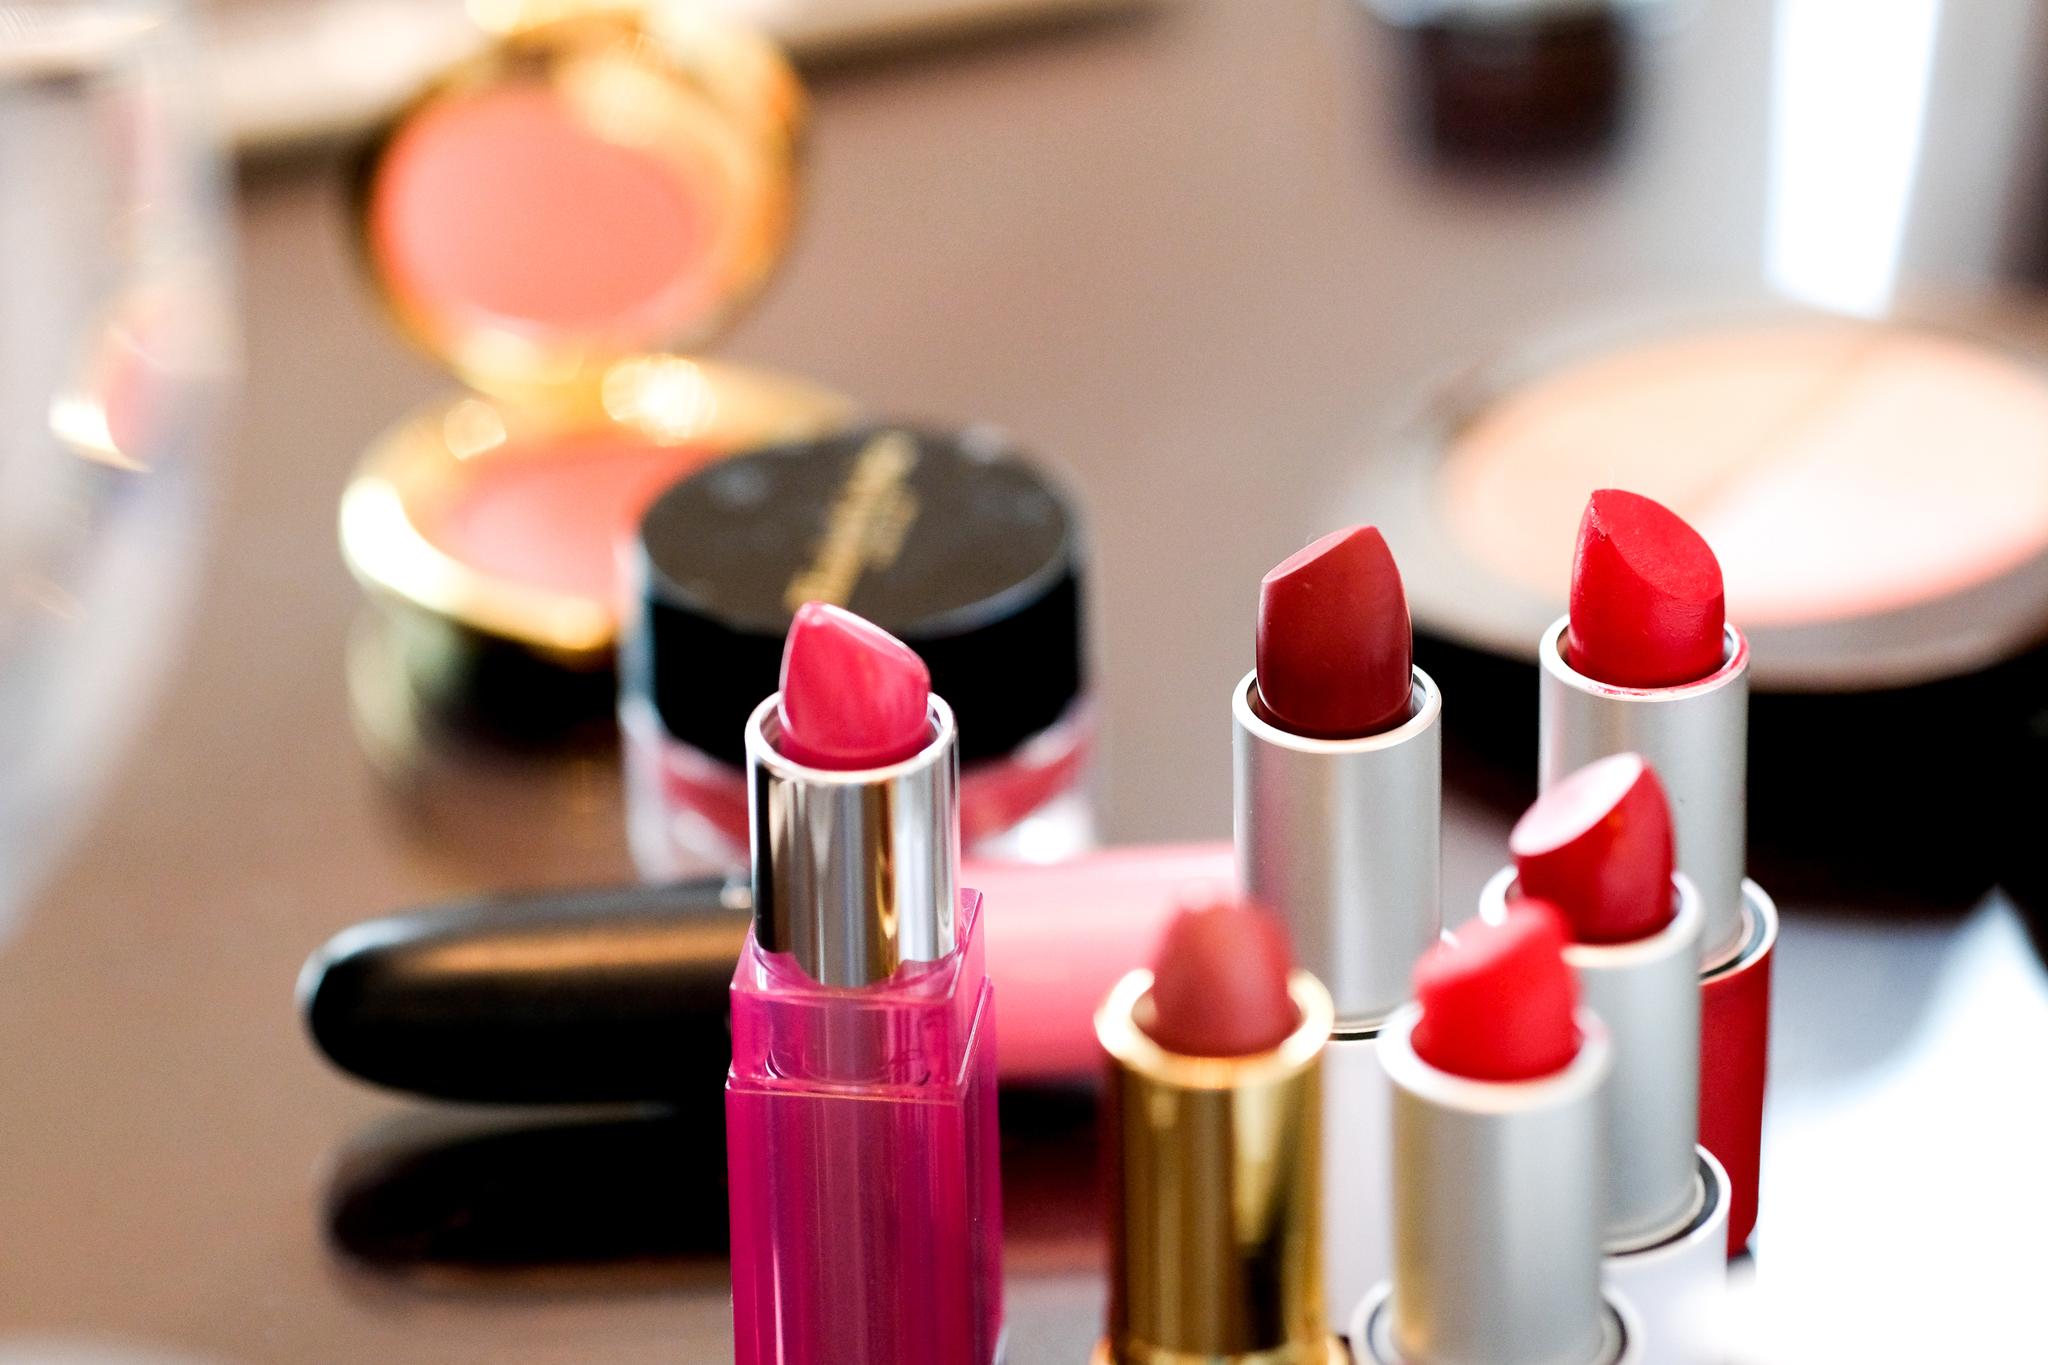 Algunos de los productos que se utilizaron en los cursos de maquillaje